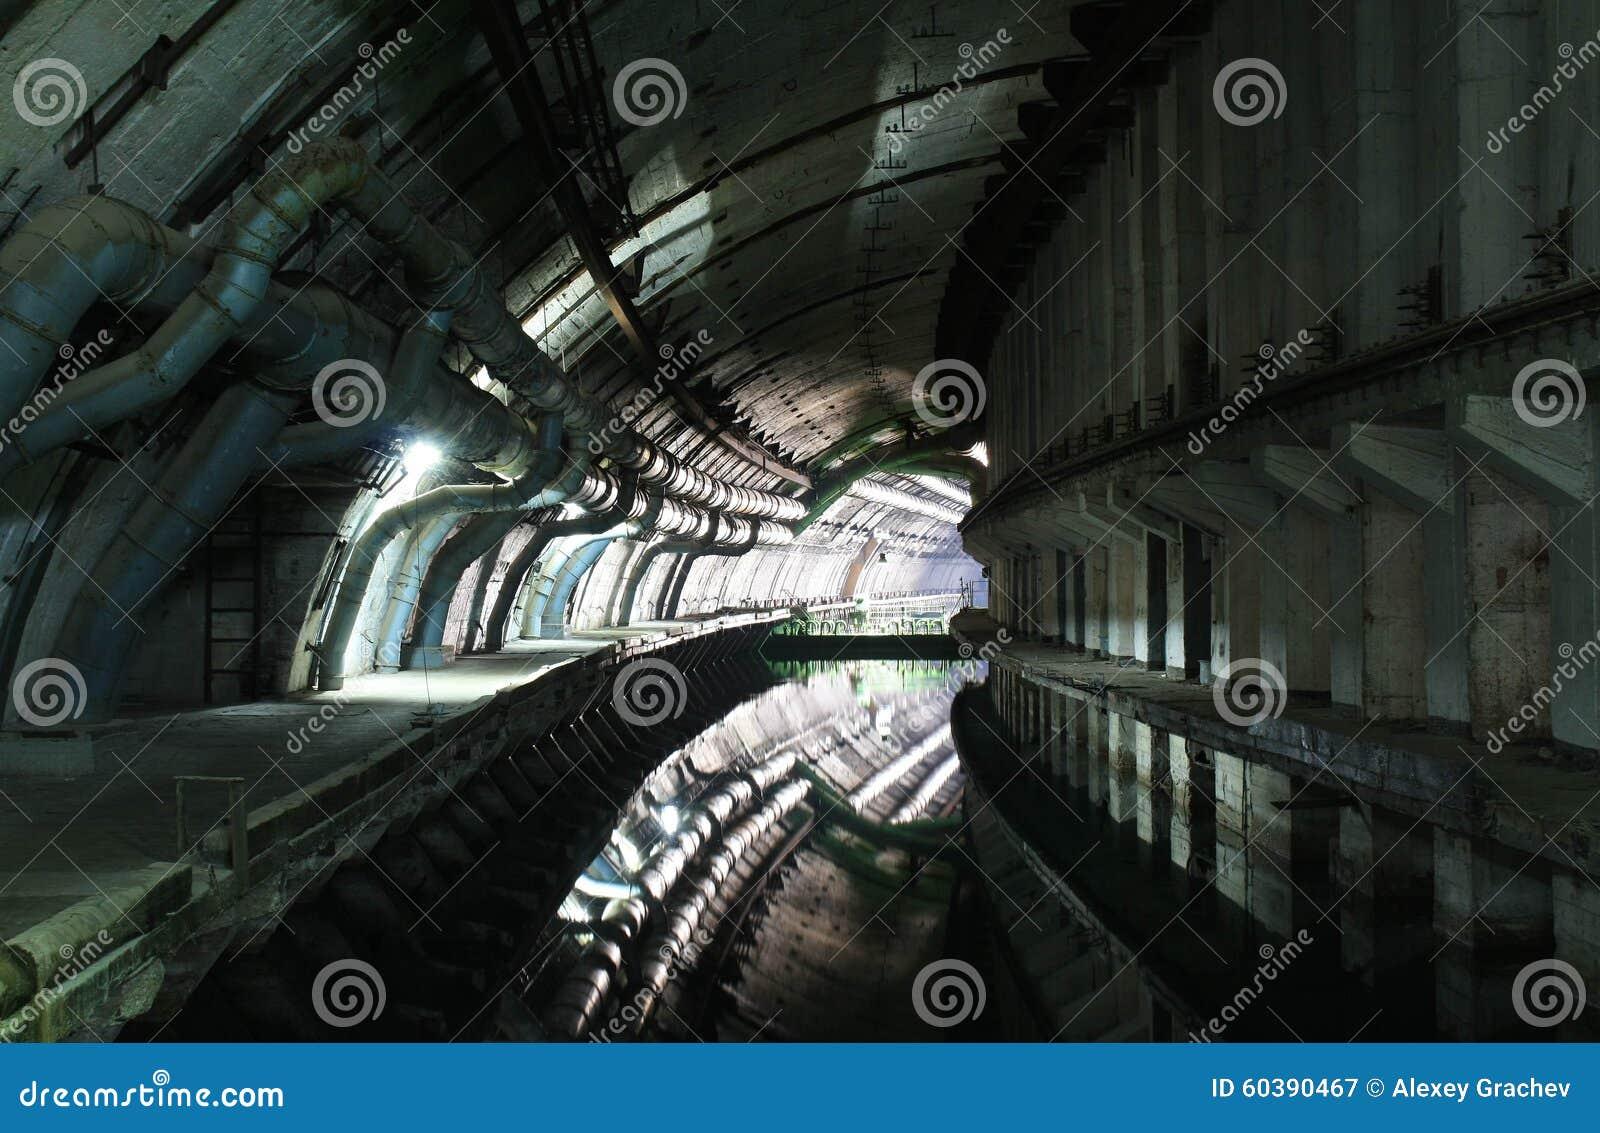 Underground Military Bases For Sale Abandoned Soviet Military Base Of Submarines Stock Photo Image